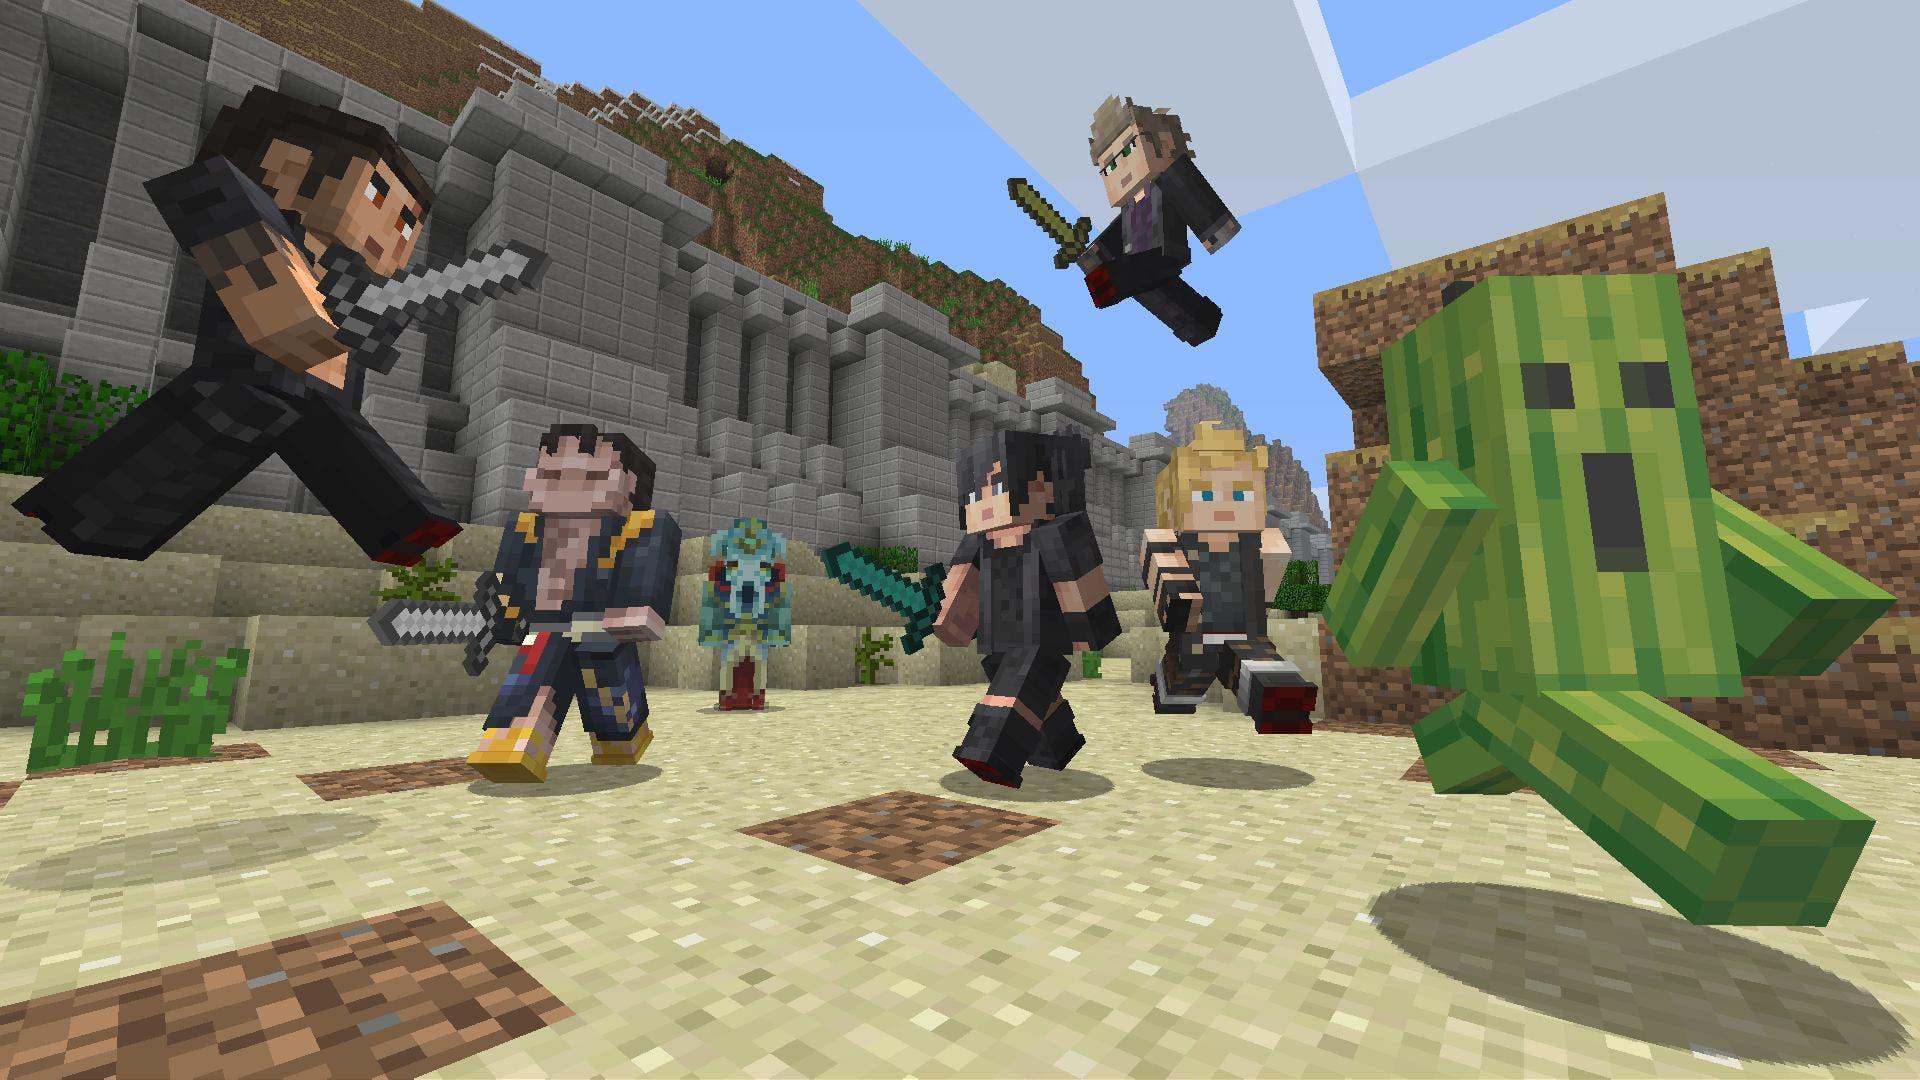 Imagen de Minecraft recibe un nuevo pack de skins basado en Final Fantasy XV